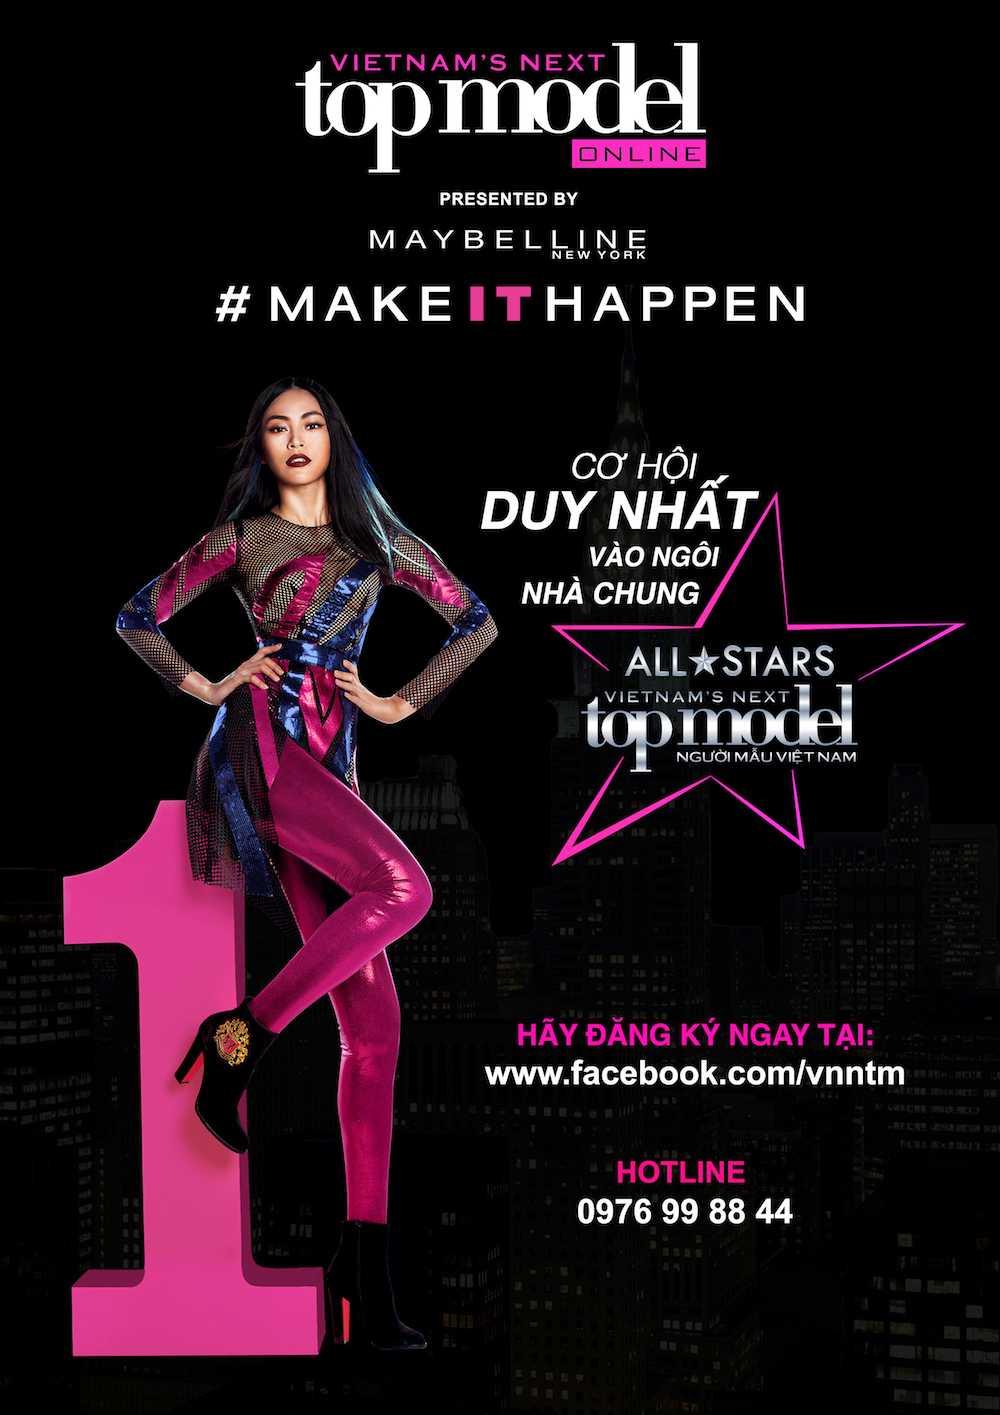 Vietnam's Next Top Model tro lai voi luat choi khac nghiet nhat hinh anh 1